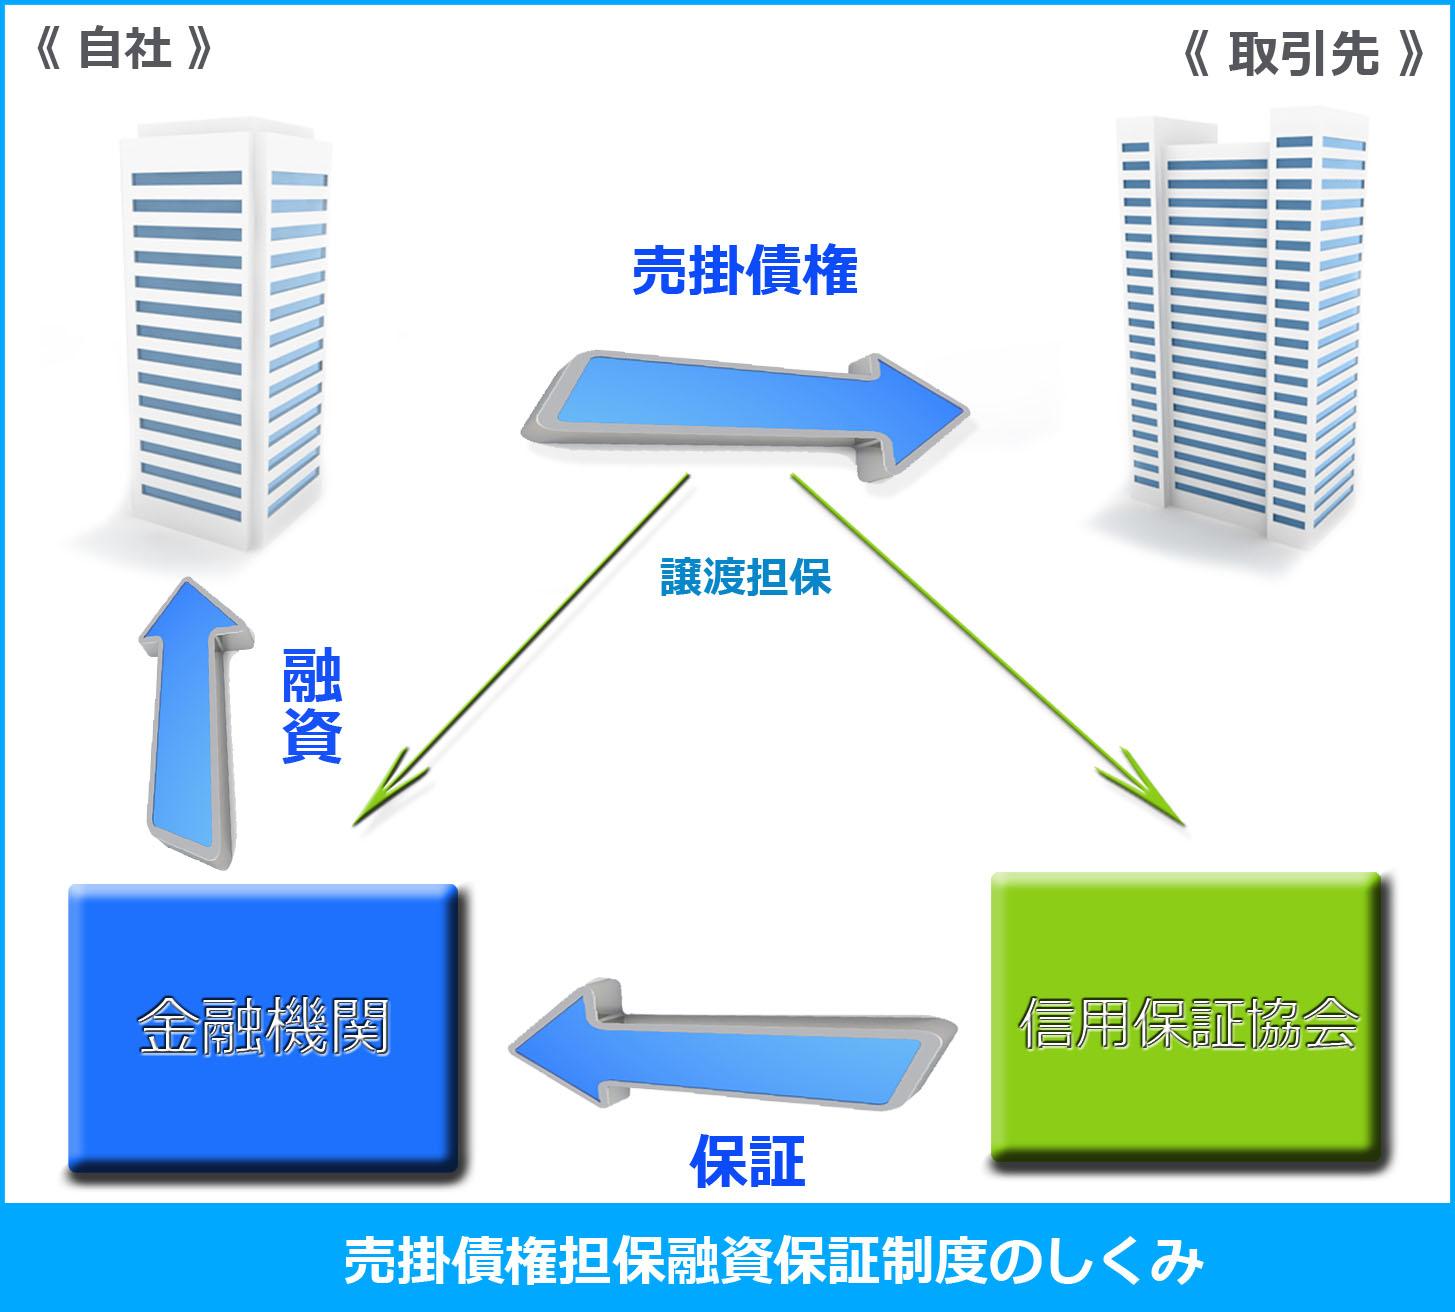 売掛債権担保融資保証制度(Image by 資金調達プロ)